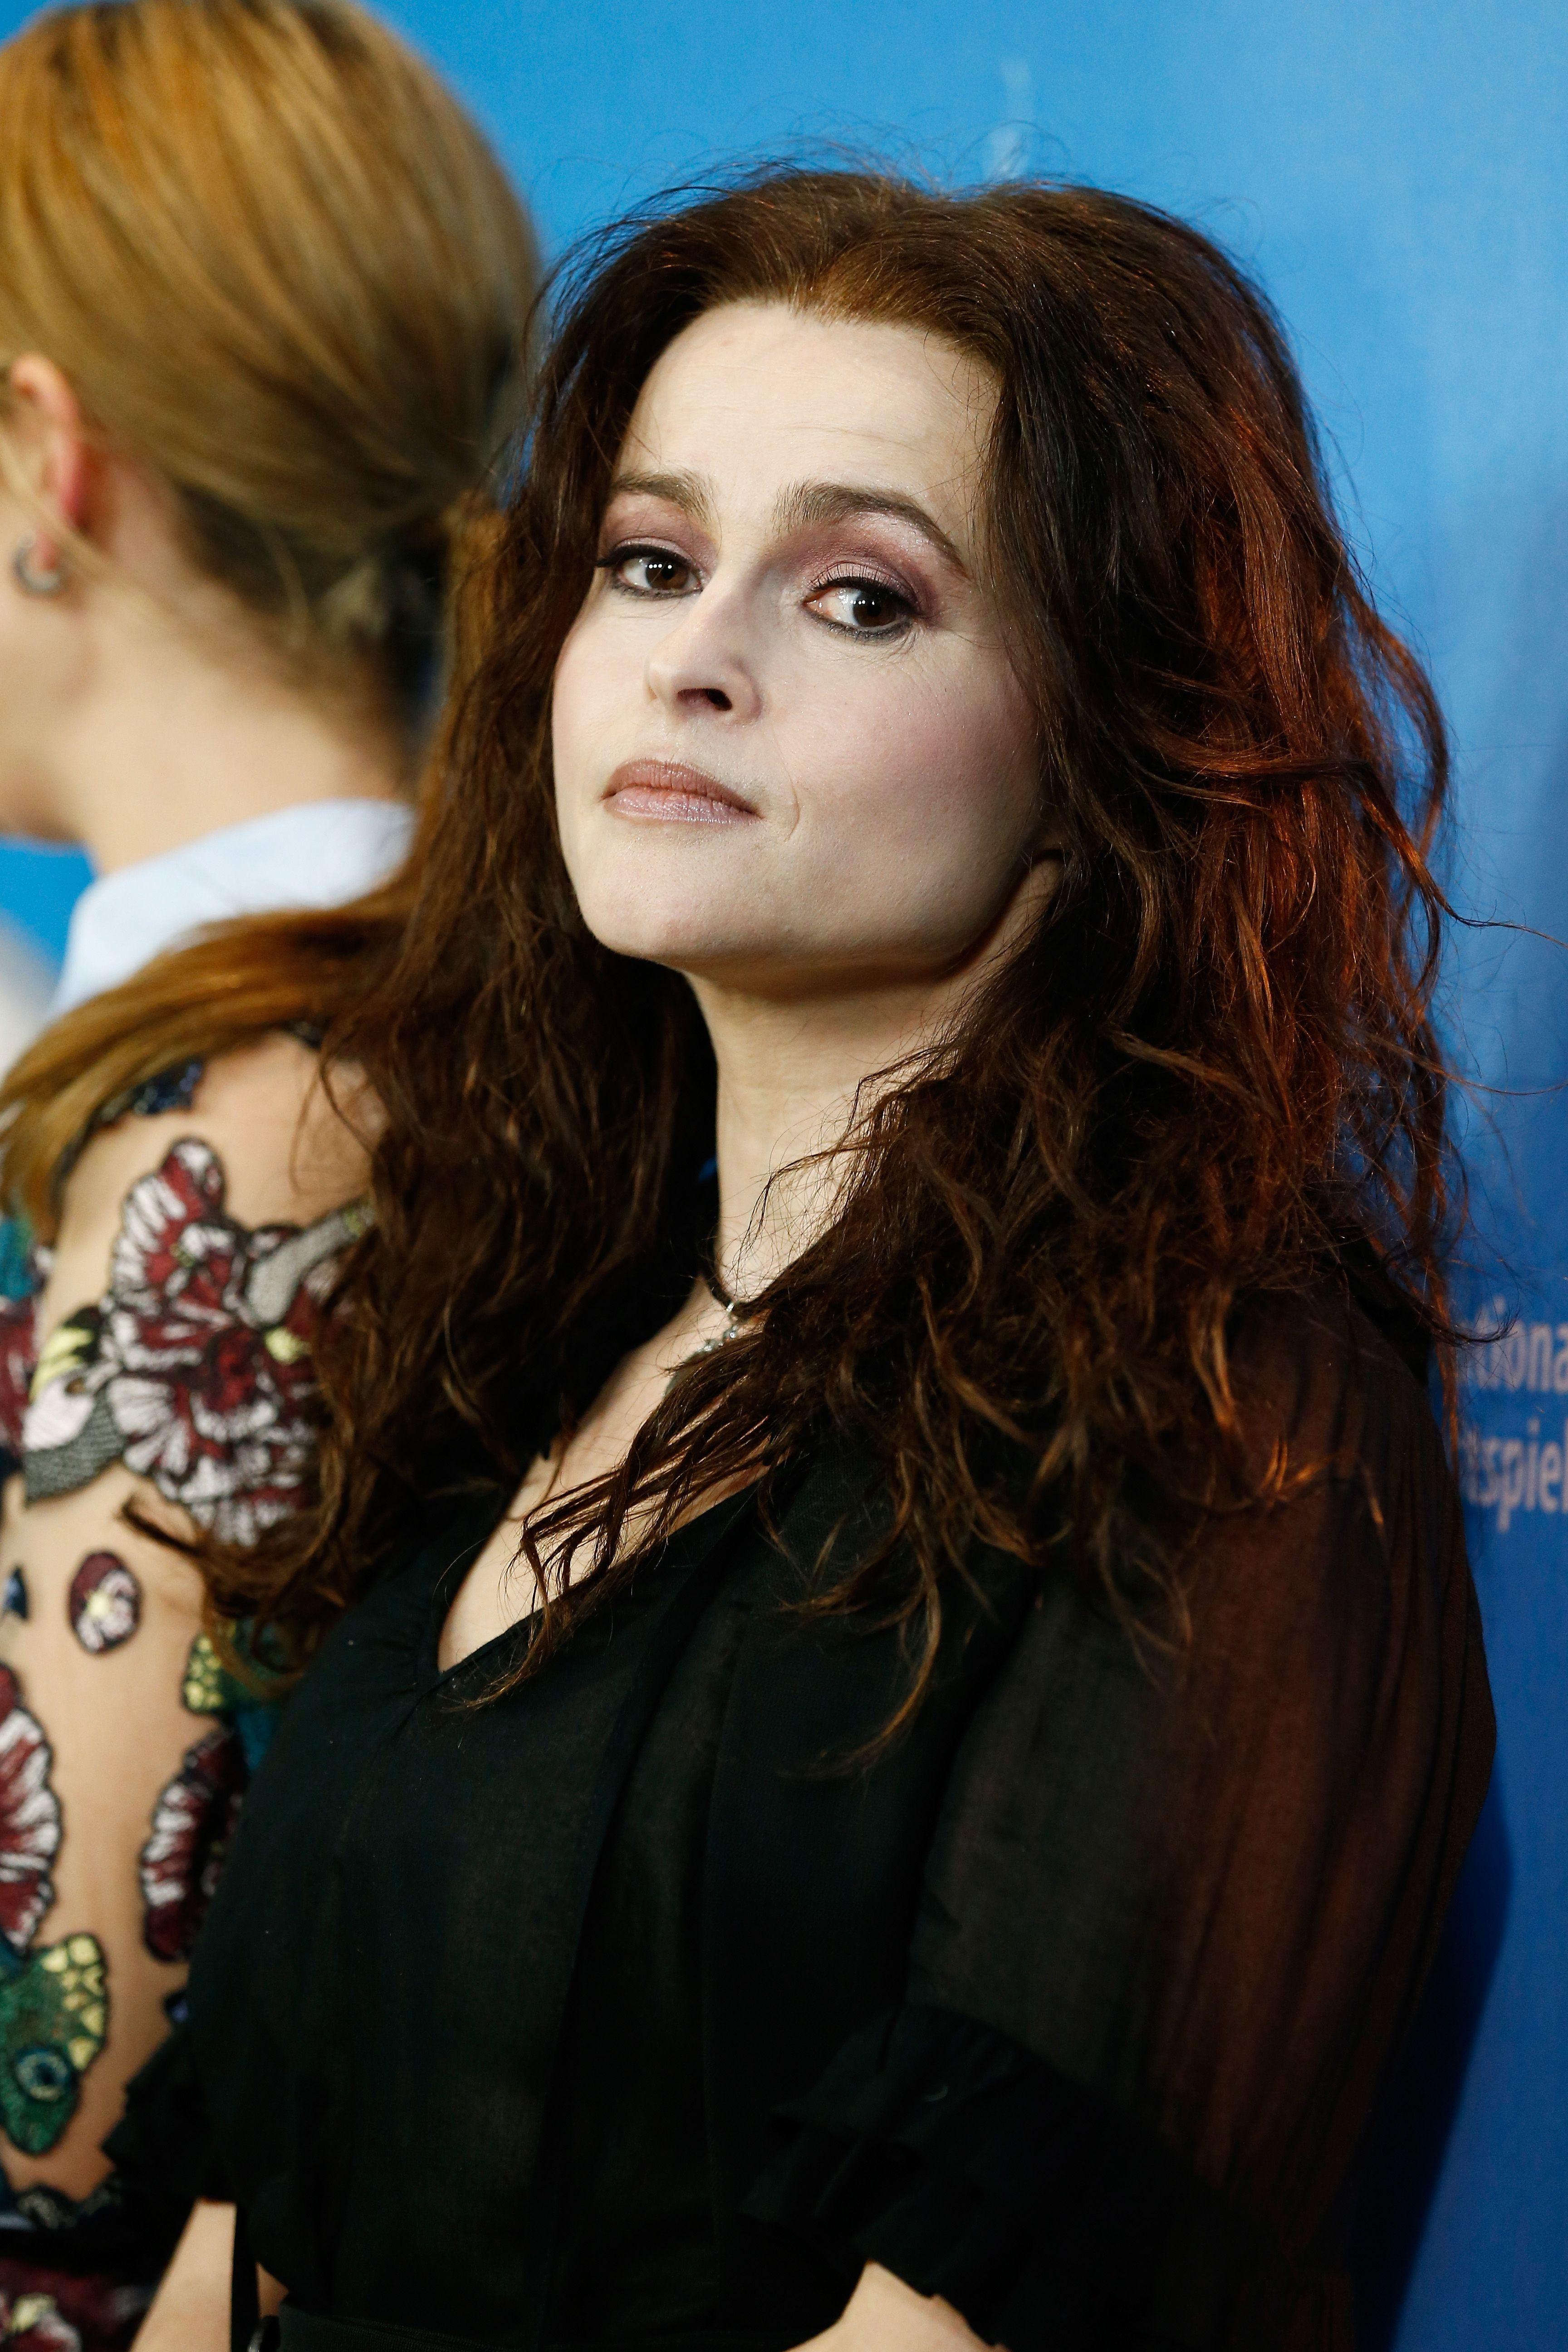 beauty helena bonham carter, best actress ever!! | favorite